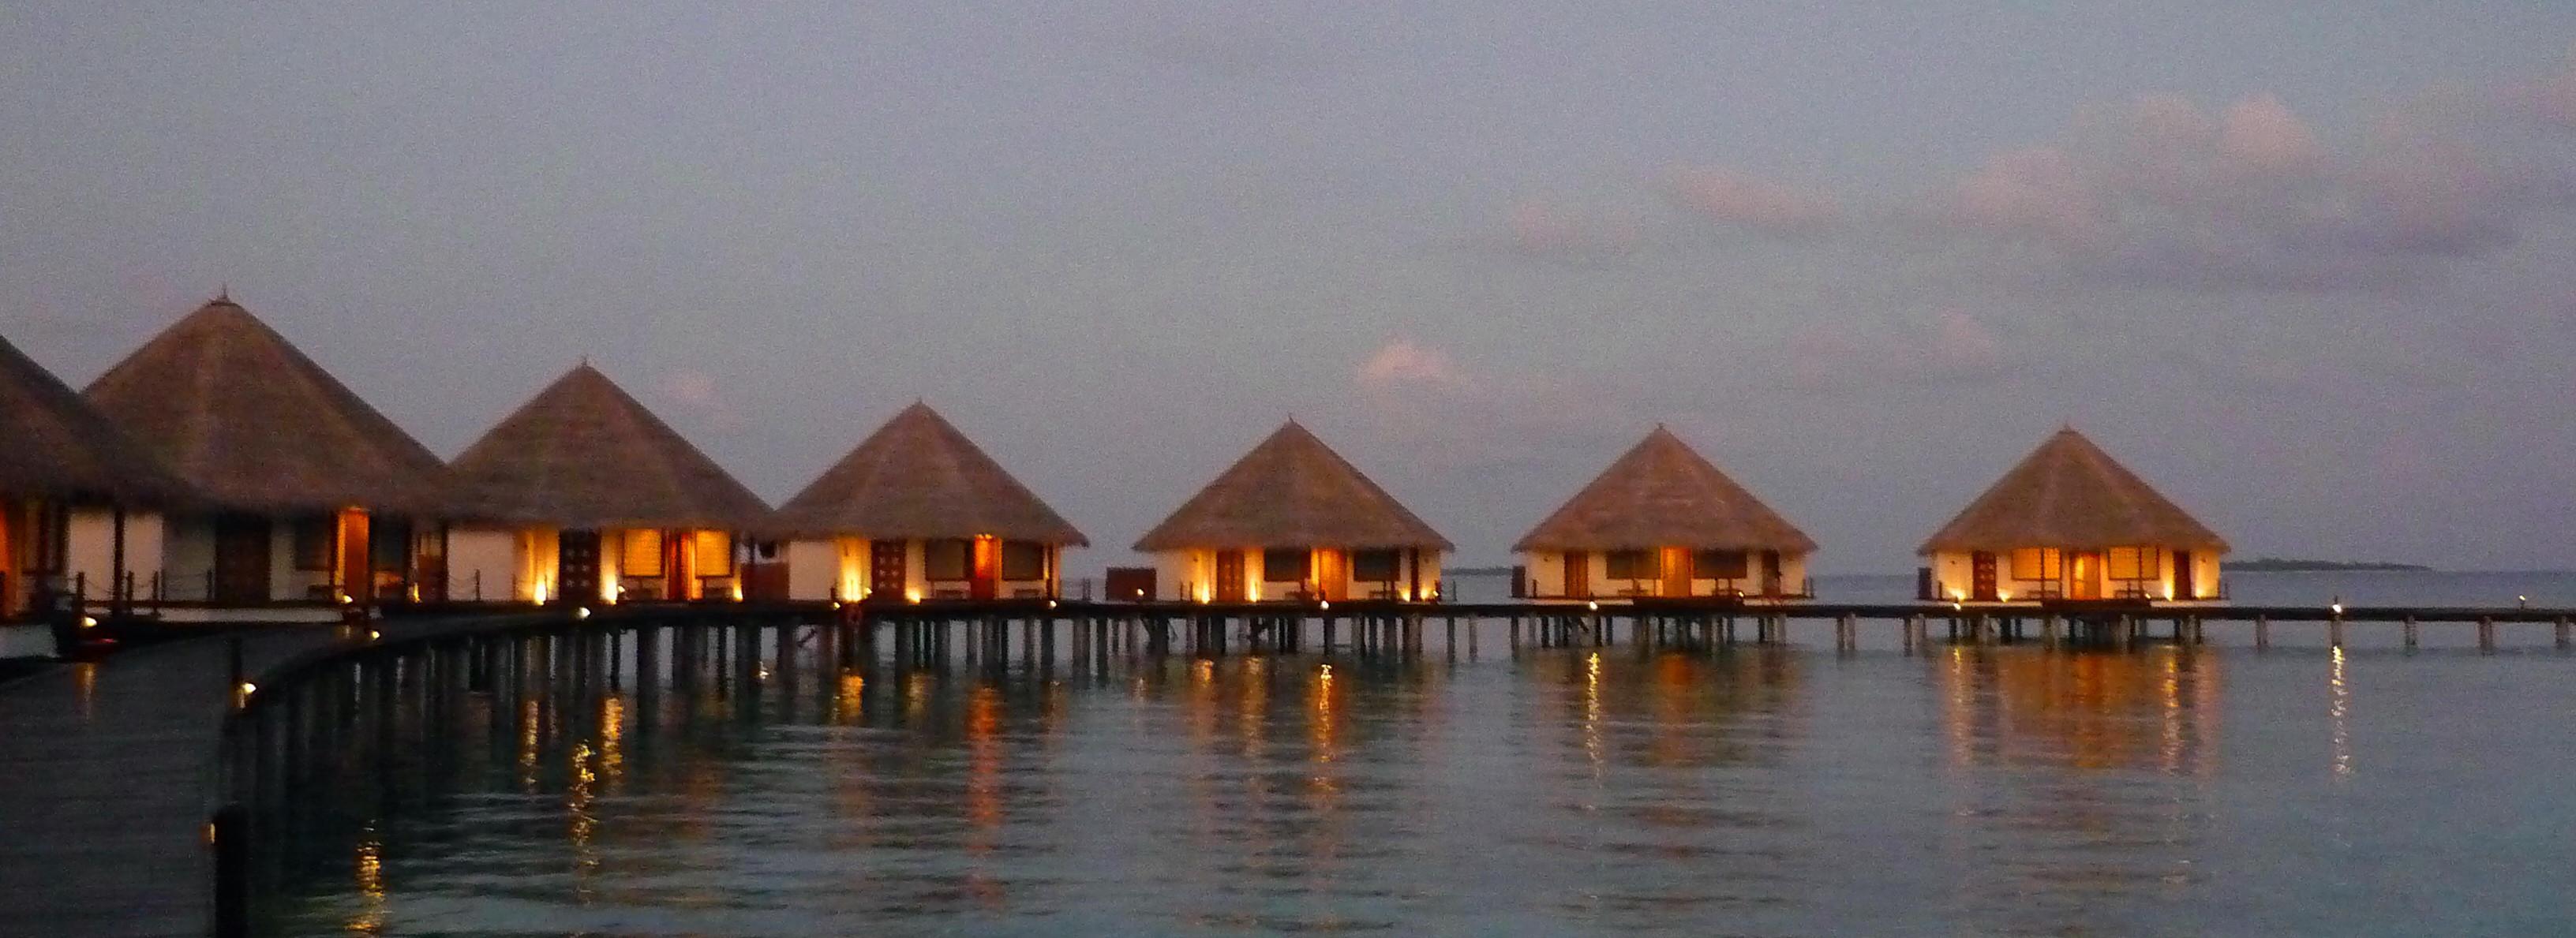 一岛一酒店, 两人一世界——去马代拍婚纱